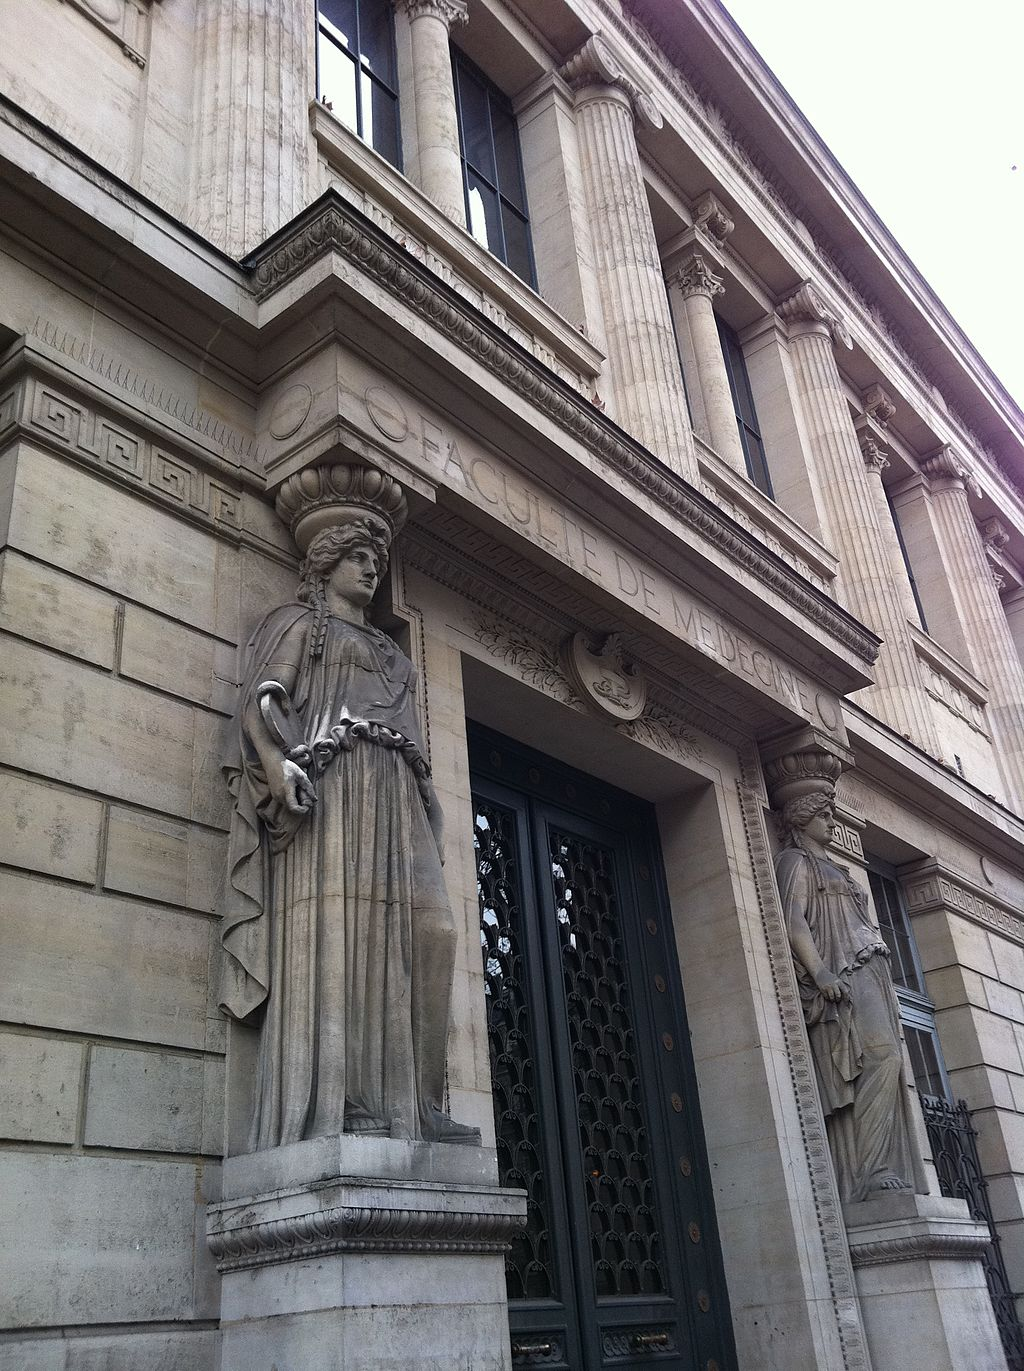 Paris_75006_Boulevard_Saint-Germain_no_083_Faculté_de_Medecine_20110225_(01)